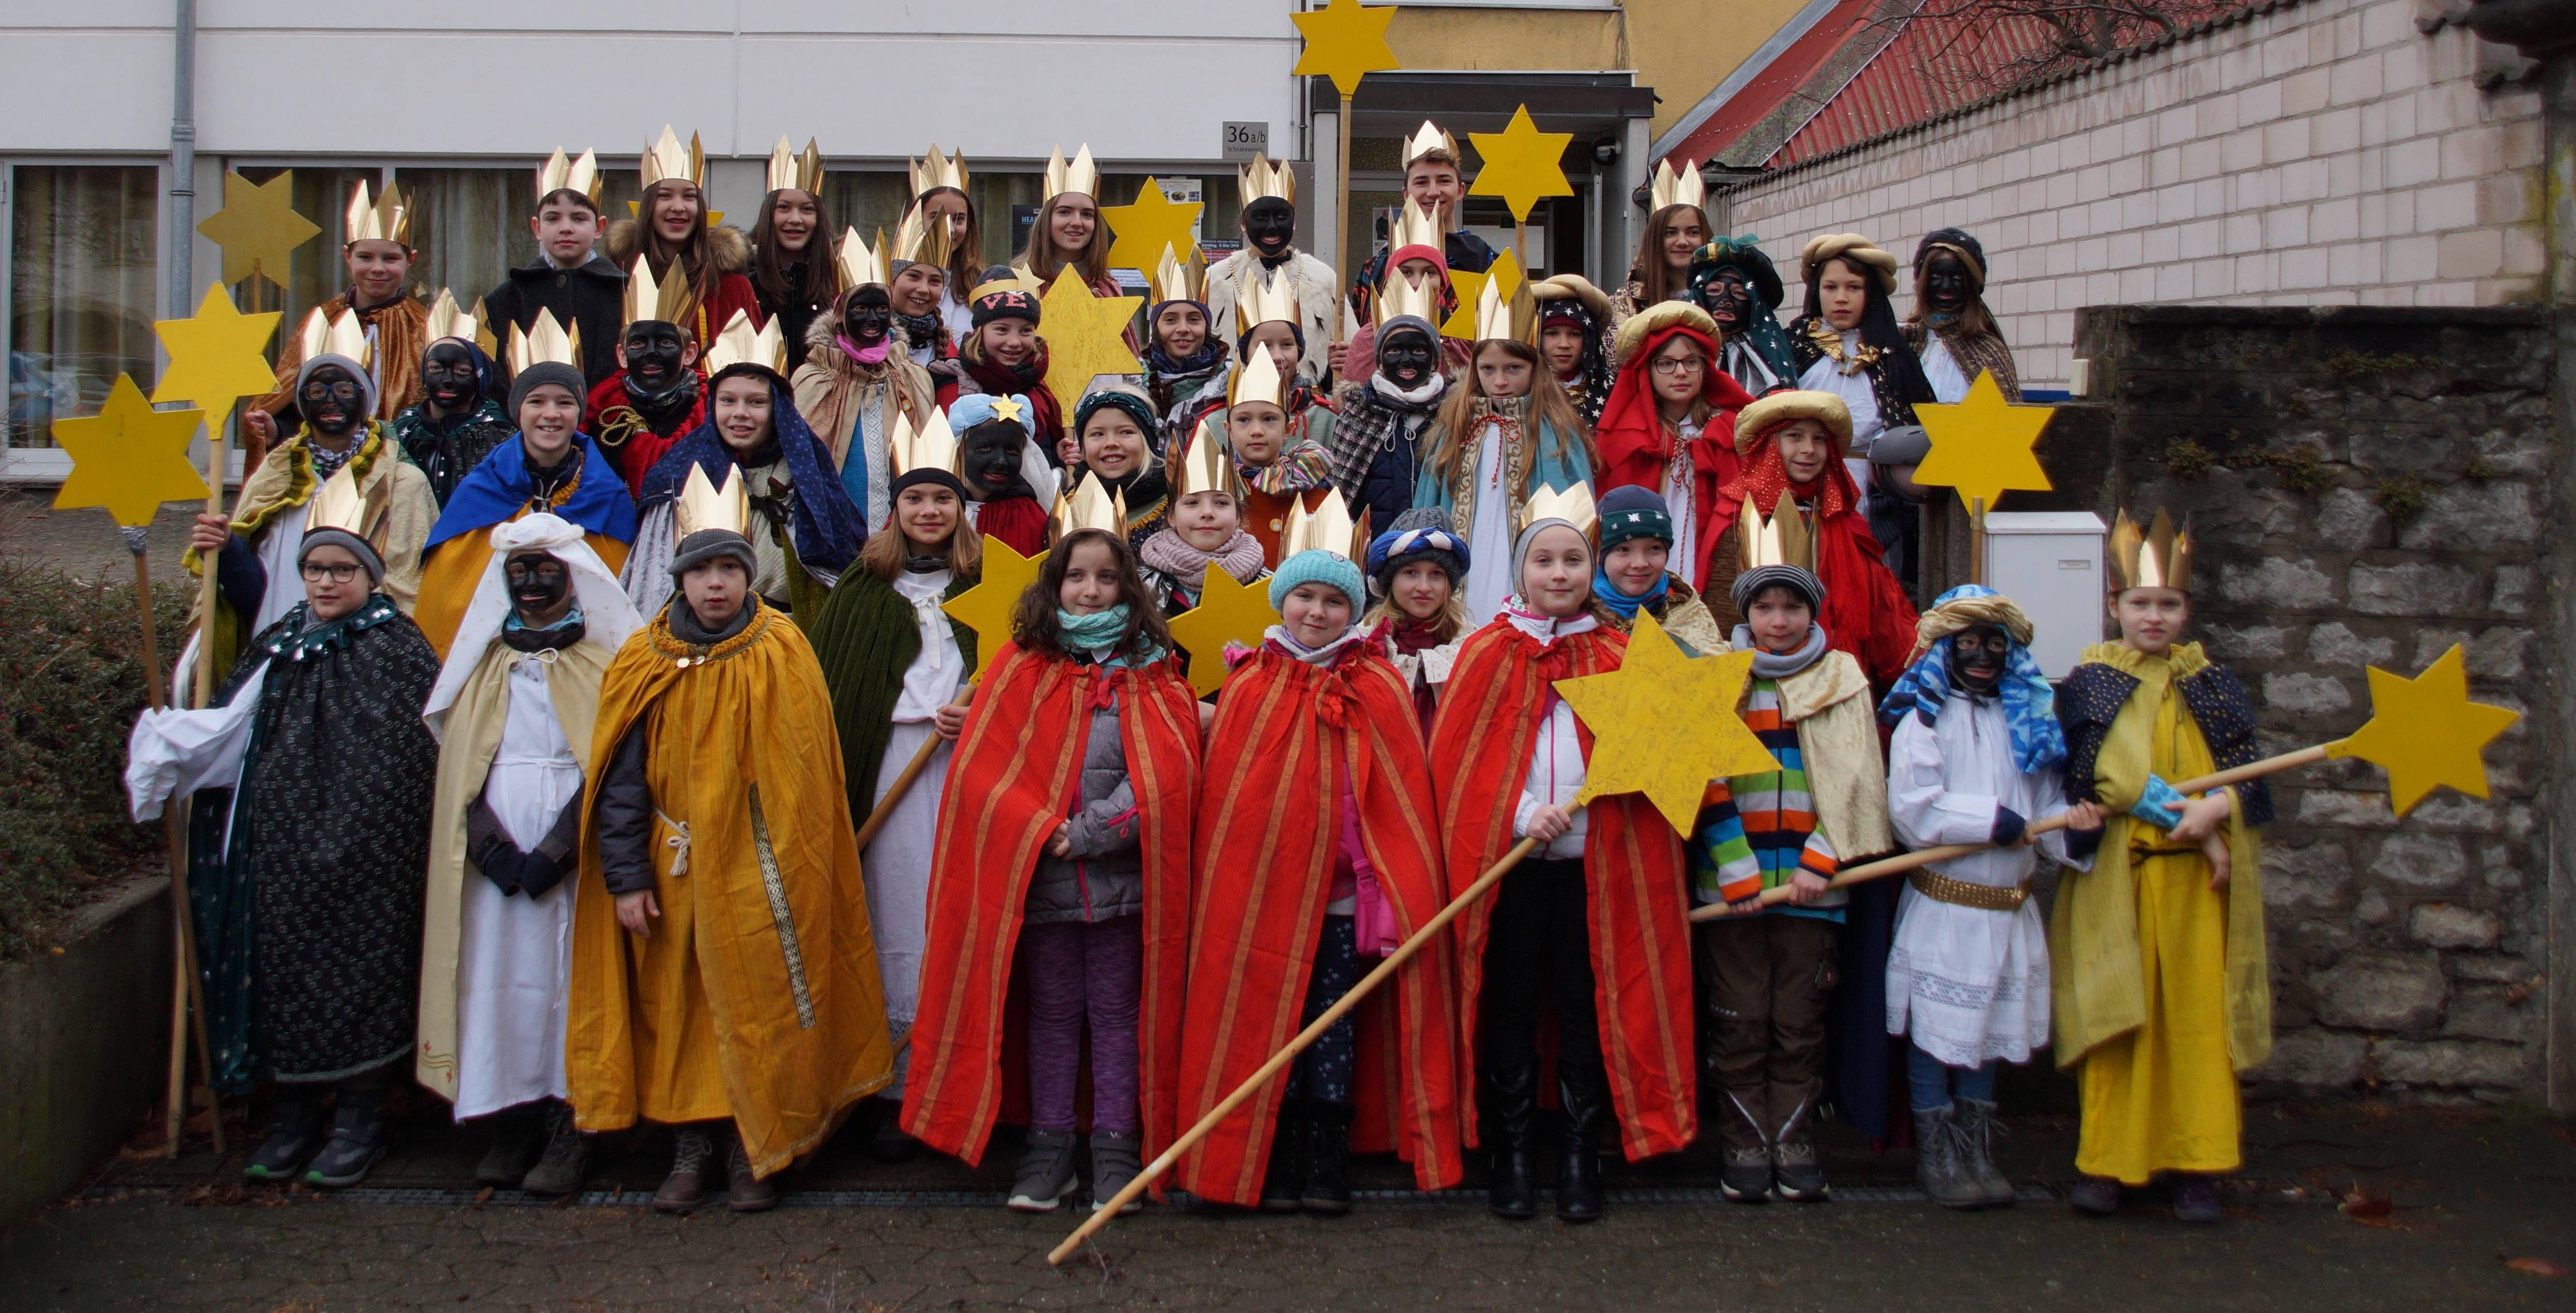 54 Kinder haben sich mit 14 Gruppen am Dreikönigstag in der Innenstadtpfarrei von Kitzingen St. Johannes (Dekanat Kitzingen) auf den Weg gemacht.